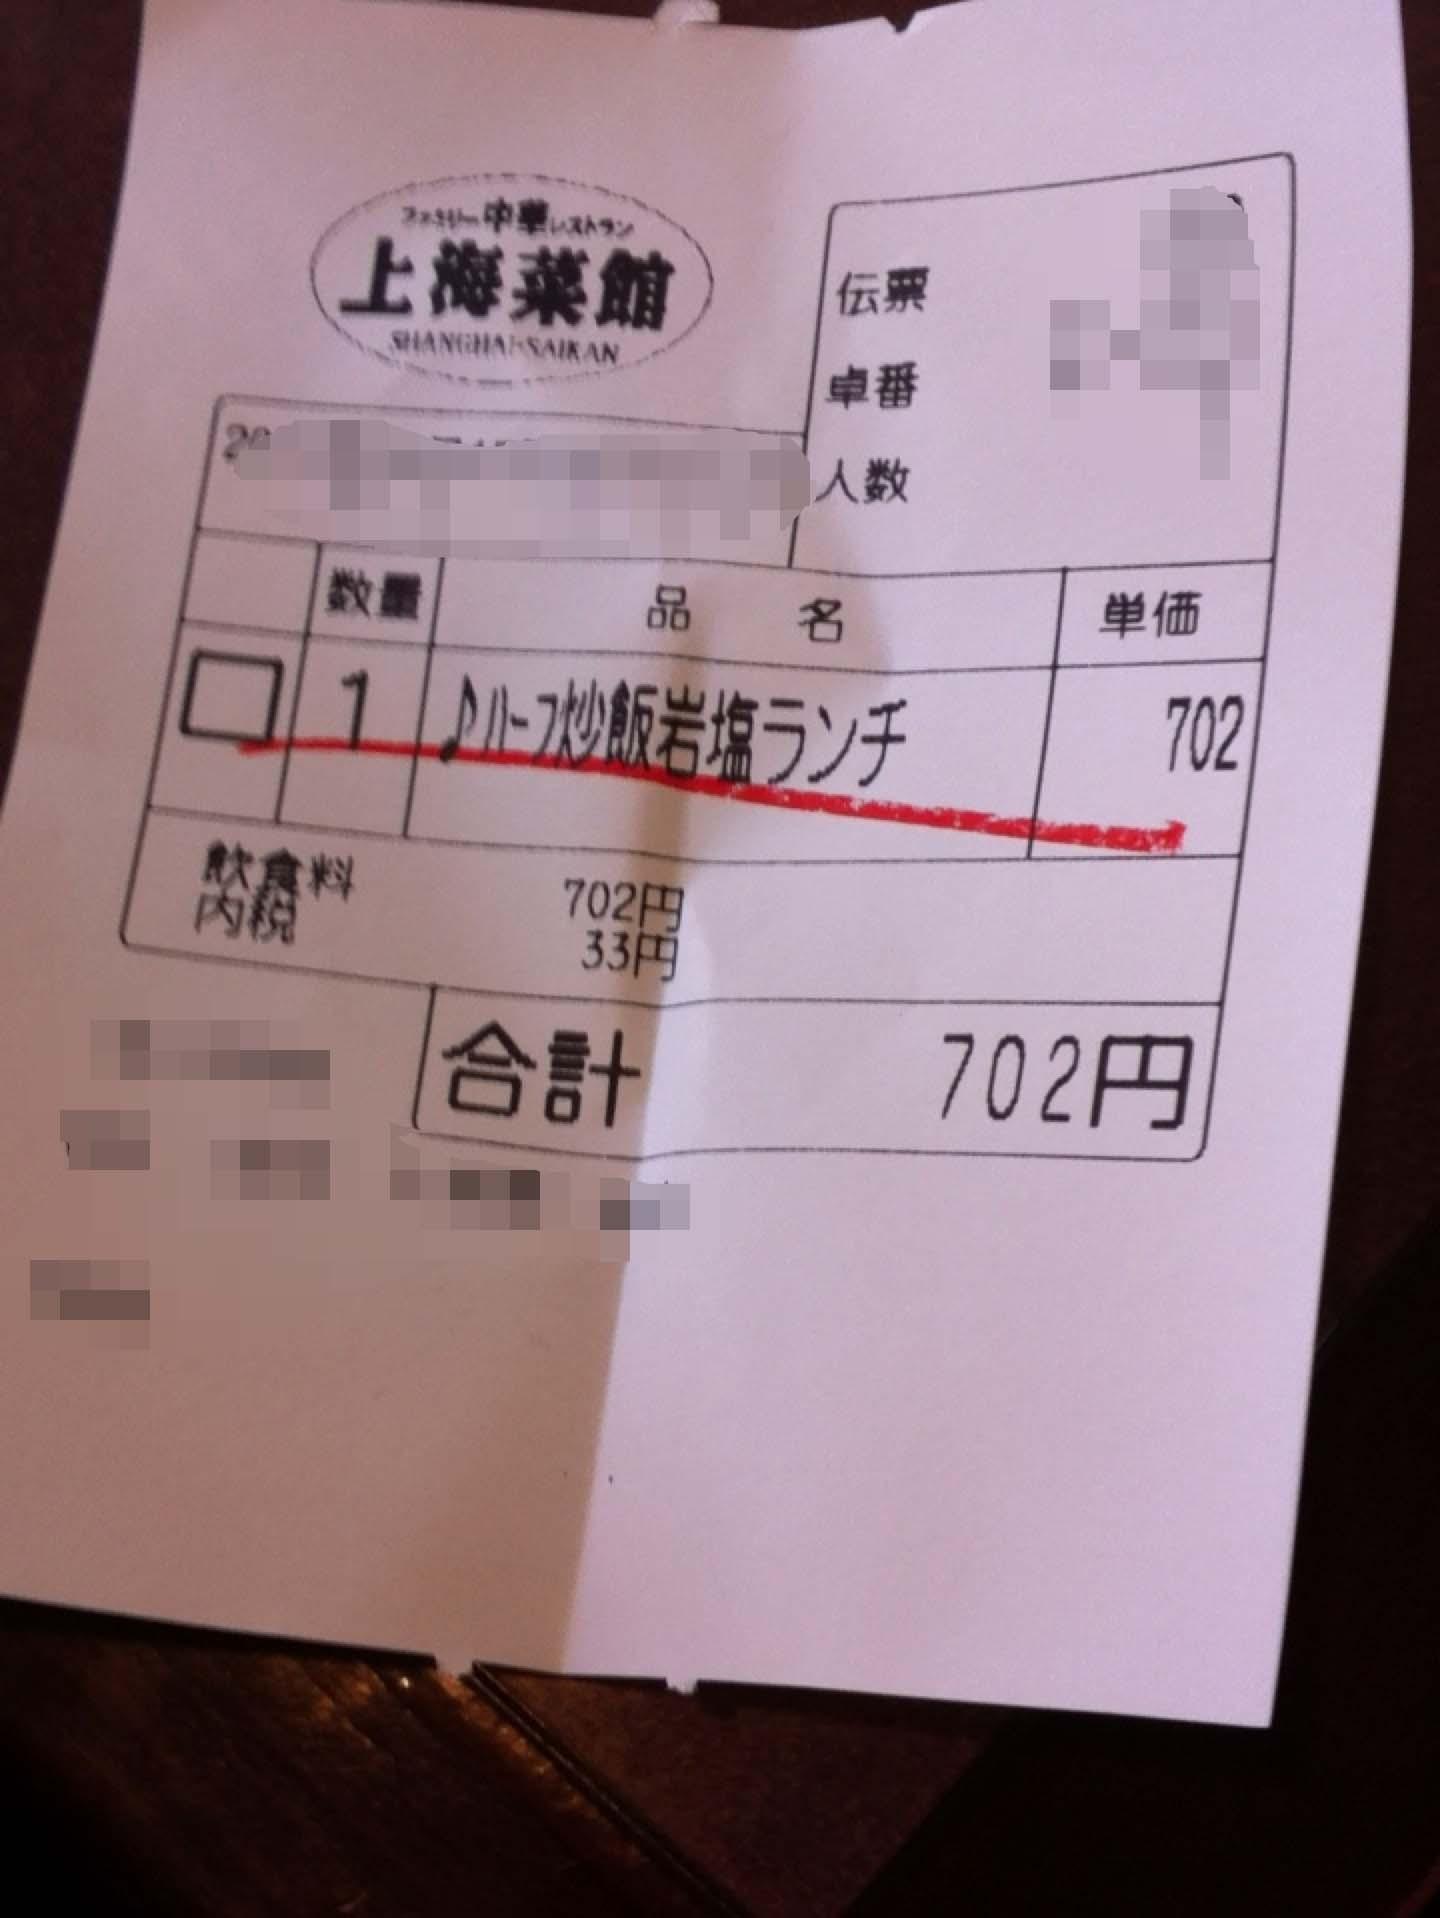 上海菜館 久喜駅東口店